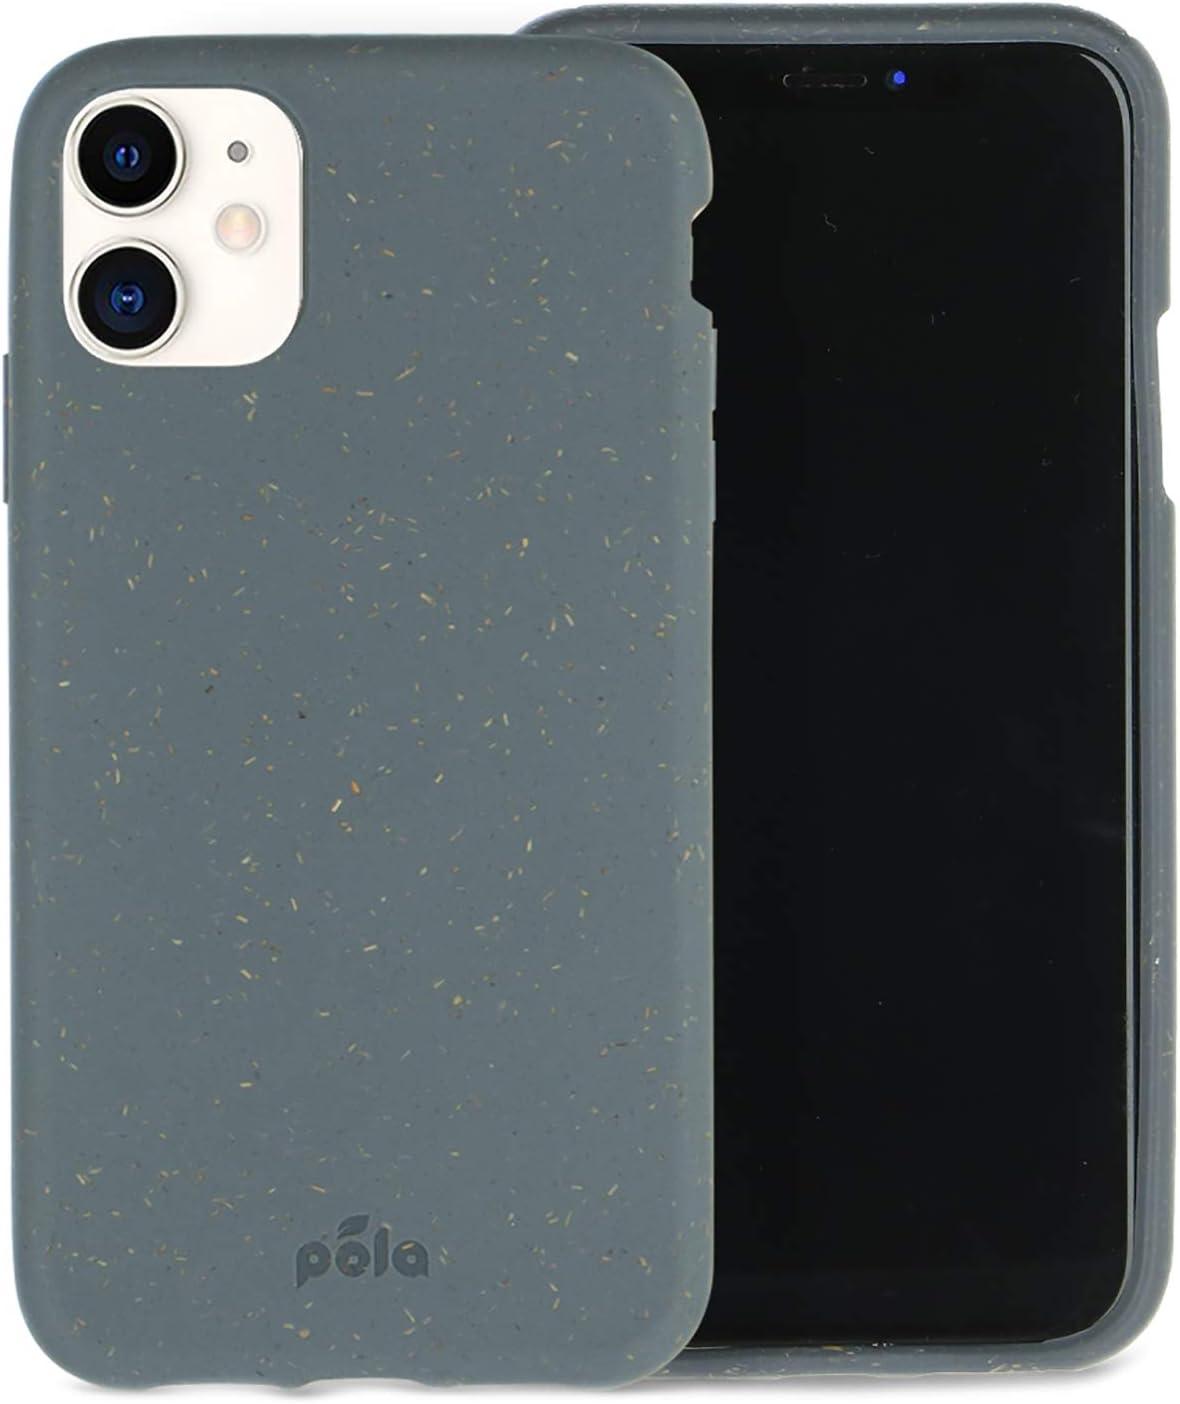 Pela - Funda para el iPhone 11-100% compostable - Biodegradable - Hecho con Plantas - Cero residuos (11 Shark)